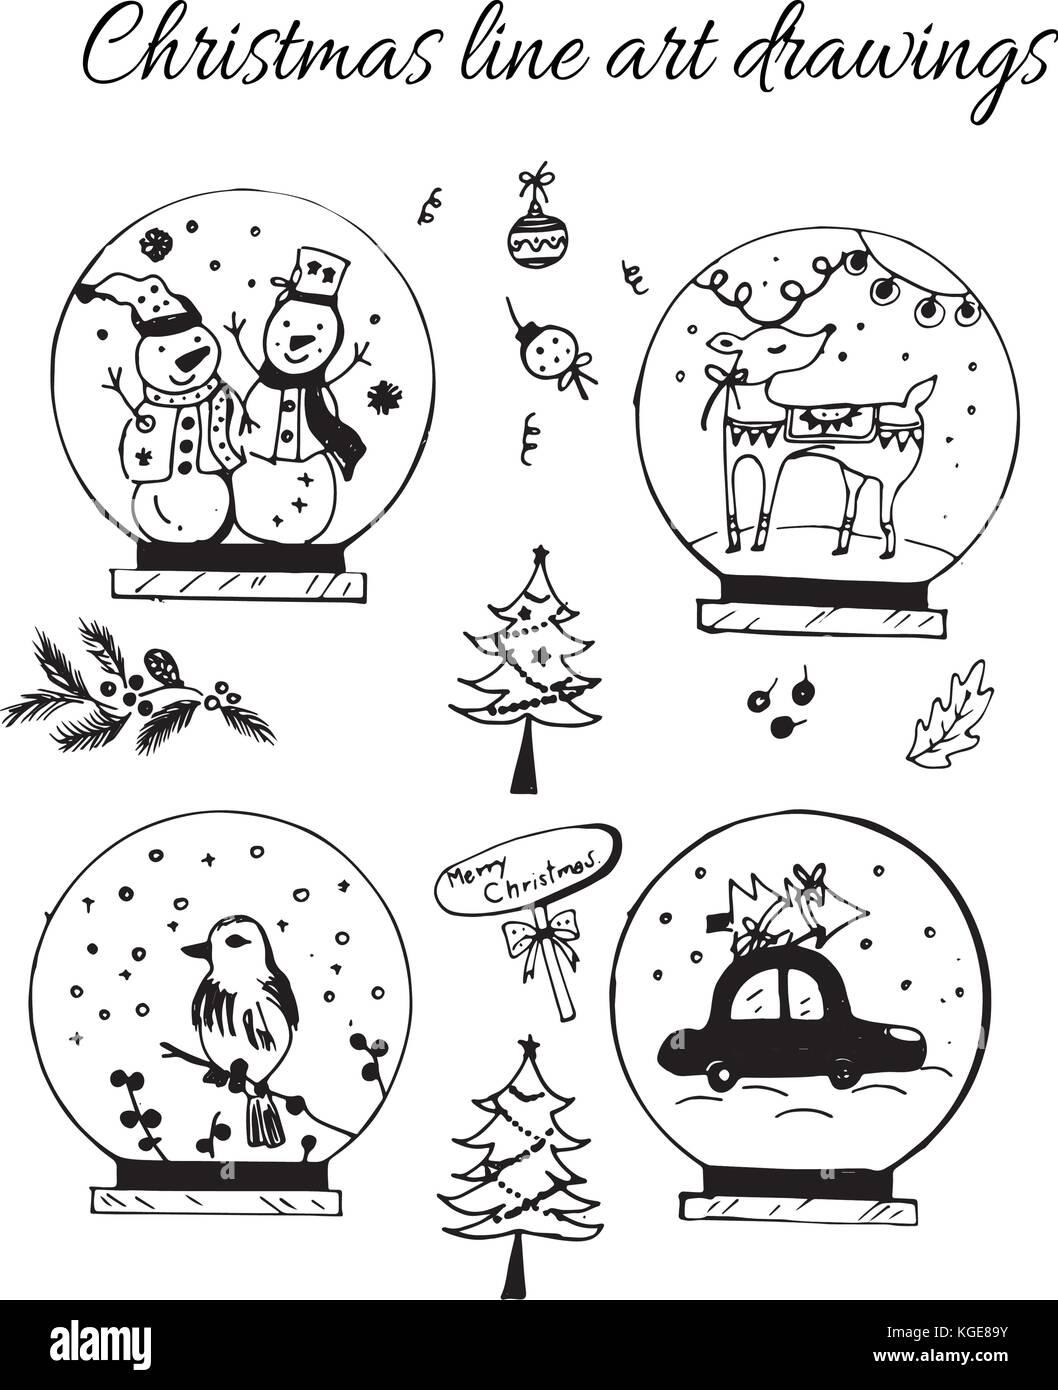 Immagini Di Natale In Bianco E Nero.Disegnata A Mano Doodle Vettore Linea Di Natale Arte